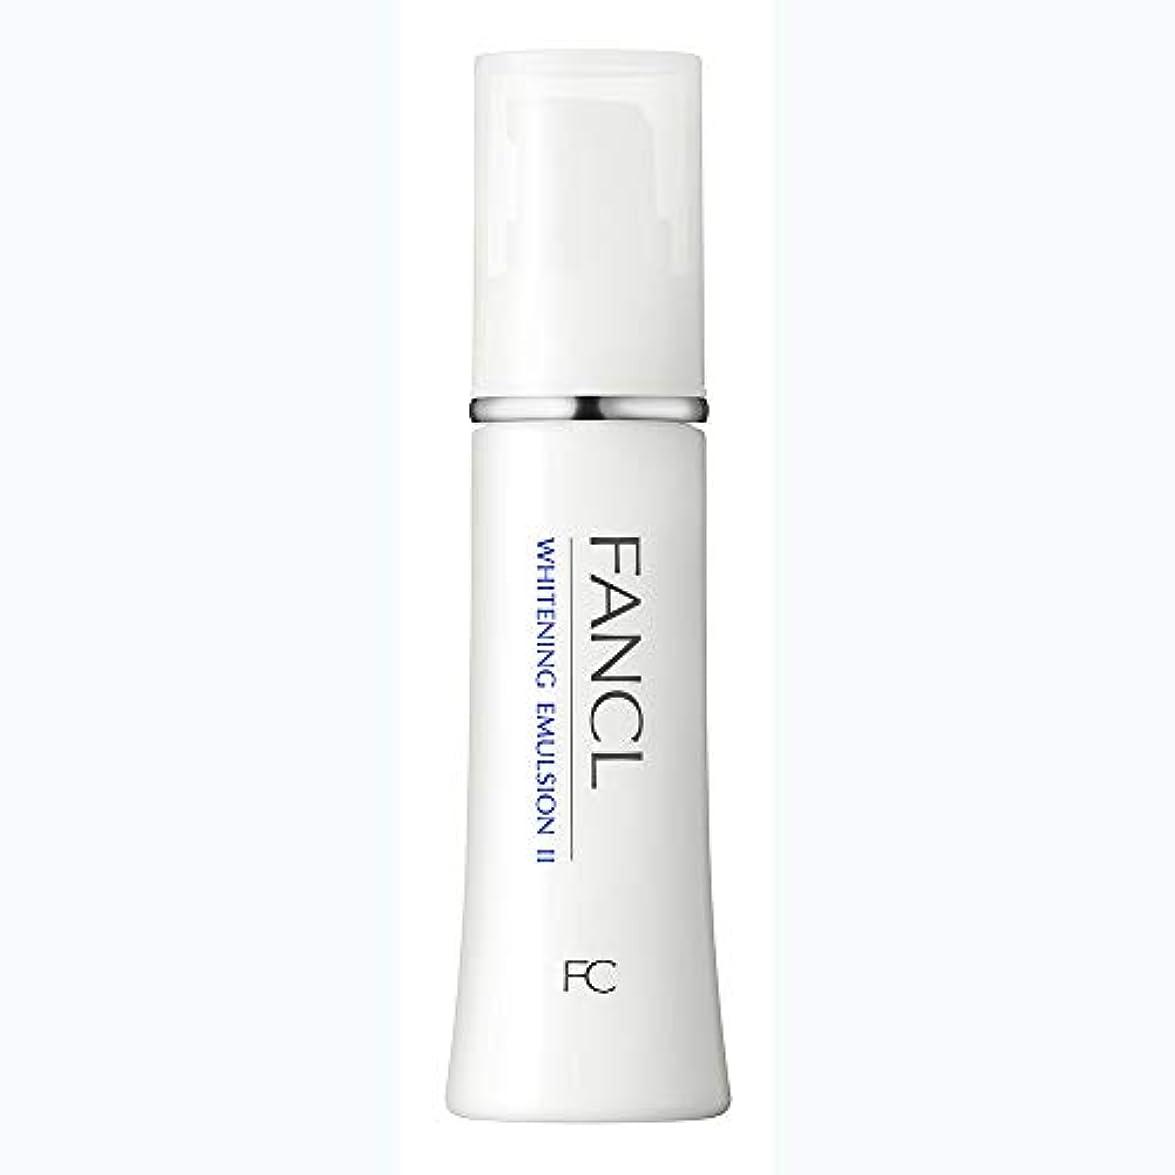 裁量戦いビルダーファンケル(FANCL) 新 ホワイトニング 乳液 II しっとり 1本 30mL<医薬部外品>